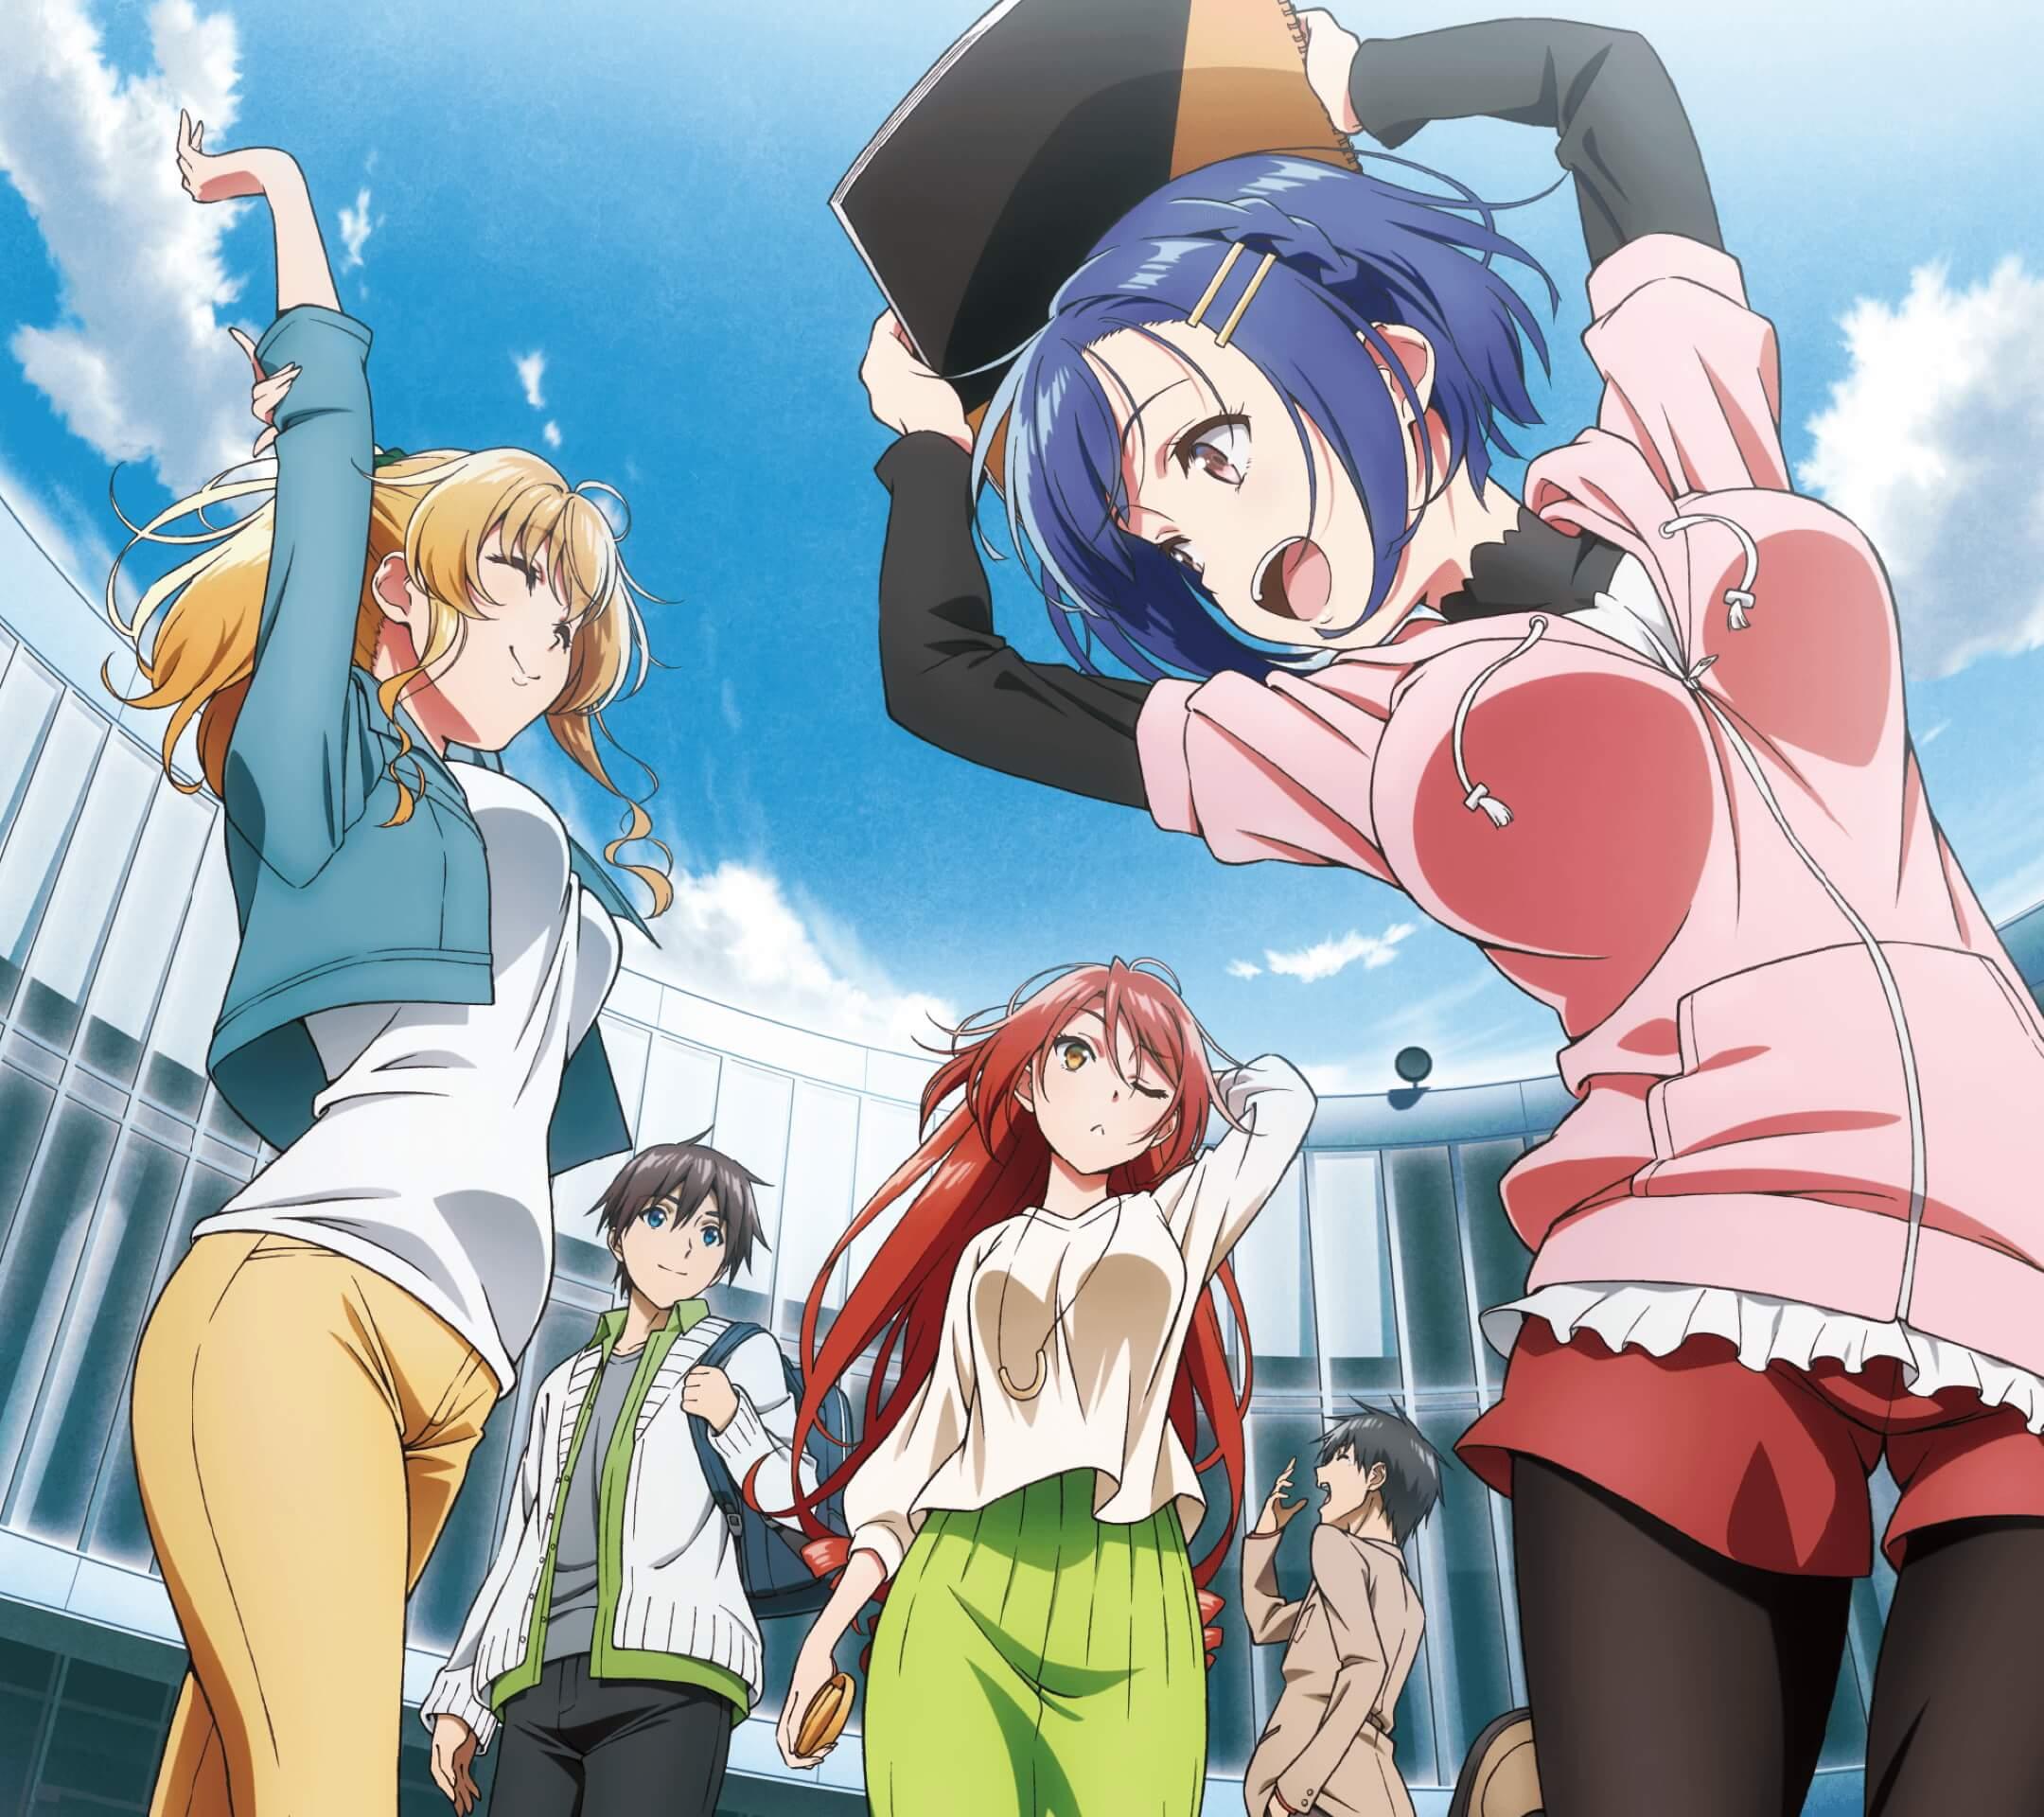 Bokutachi no Remake Aki Shino Nanako Kogure Eiko Kawasegawa.Android wallpaper 2160x1920